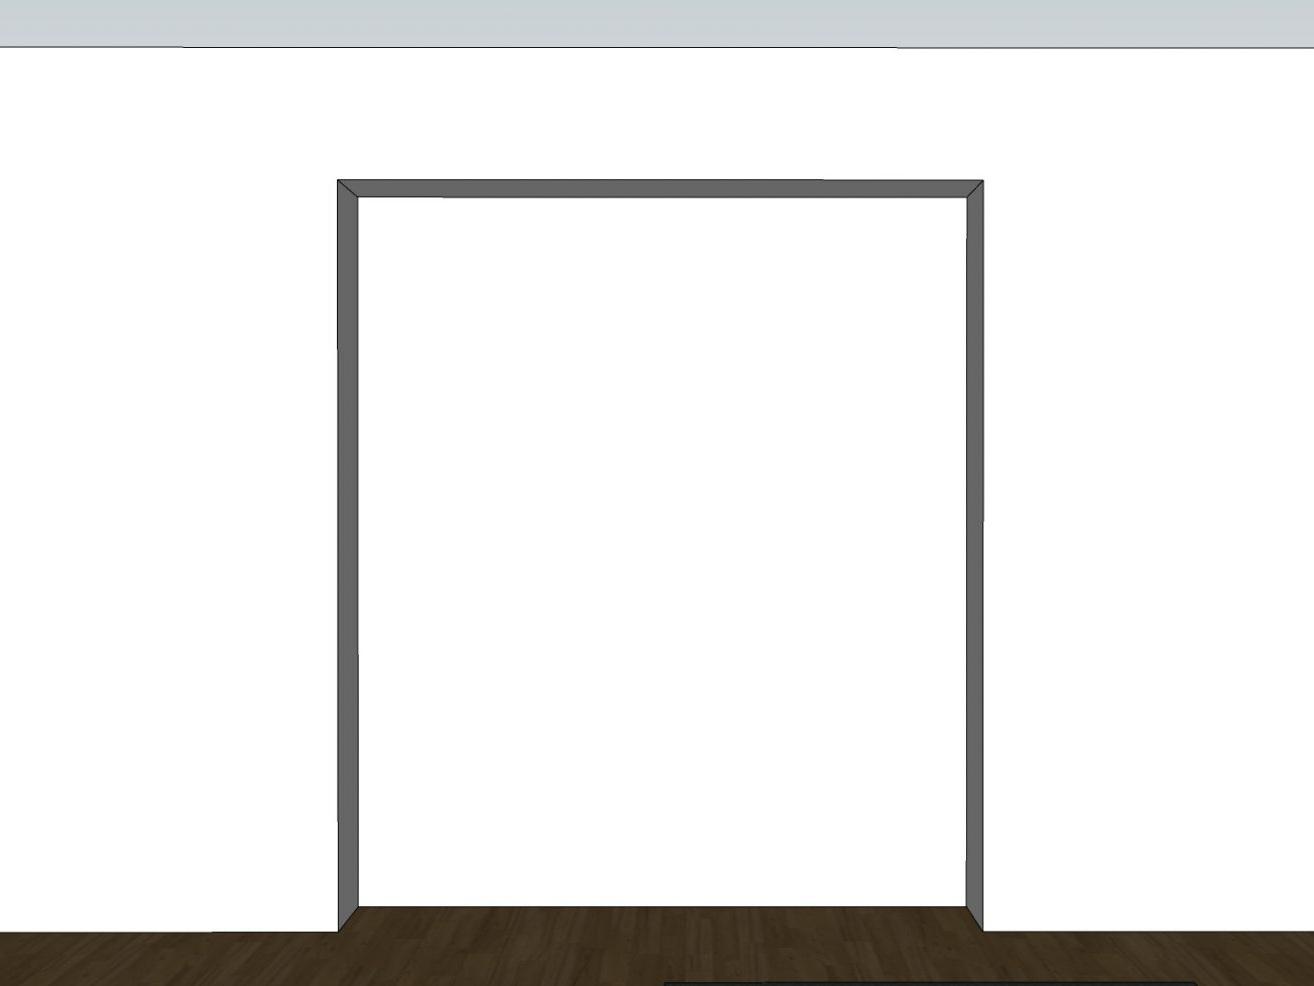 TV-Versteck - Visualisierung Wand Bestand